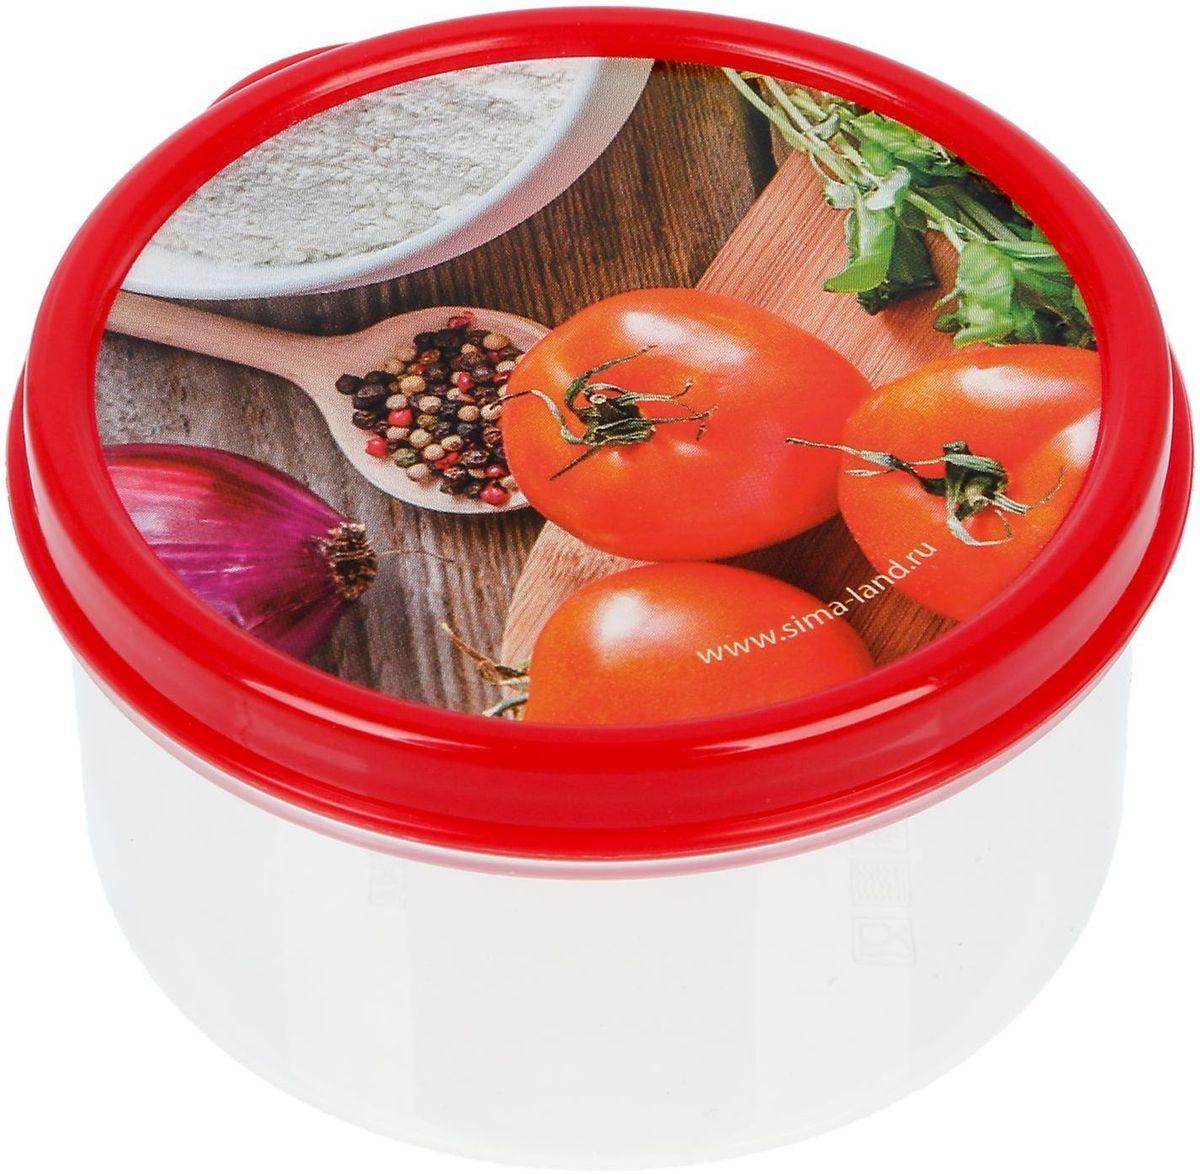 Ланч-бокс Доляна №3, круглый, 150 мл1333924Если после вкусного обеда осталась еда, а насладиться трапезой хочется и на следующий день, ланч-бокс станет отличным решением данной проблемы!Такой контейнер является незаменимым предметом кухонной утвари, ведь у него много преимуществ:Простота ухода. Ланч-бокс достаточно промыть тёплой водой с небольшим количеством чистящего средства, и он снова готов к использованию.Вместительность. Большой выбор форм и объёма поможет разместить разнообразные продукты от сахара до супов.Эргономичность. Ланч-боксы очень легко хранить даже в самой маленькой кухне, так как их можно поставить один в другой по принципу матрёшки.Многофункциональность. Разнообразие цветов и форм делает возможным использование контейнеров не только на кухне, но и в других областях домашнего быта.Любители приготовления обеда на всю семью в большинстве случаев приобретают ланч-боксы наборами, так как это позволяет рассортировать продукты по всевозможным признакам. К тому же контейнеры среднего размера станут незаменимыми помощниками на работе: ведь что может быть приятнее, чем порадовать себя во время обеда прекрасной едой, заботливо сохранённой в контейнере?В качестве материала для изготовления используется пластик, что делает процесс ухода за контейнером ещё более эффективным. К каждому ланч-боксу в комплекте также прилагается крышка подходящего размера, это позволяет плотно и надёжно удерживать запах еды и упрощает процесс транспортировки.Однако рекомендуется соблюдать и меры предосторожности: не использовать пластиковые контейнеры в духовых шкафах и на открытом огне, а также не разогревать в микроволновых печах при закрытой крышке ланч-бокса. Соблюдение мер безопасности позволит продлить срок эксплуатации и сохранить отличный внешний вид изделия.Эргономичный дизайн и многофункциональность таких контейнеров — вот, что является причиной большой популярности данного предмета у каждой хозяйки. А в преддверии лета и дачного сезона такое приобретение позволит поднят